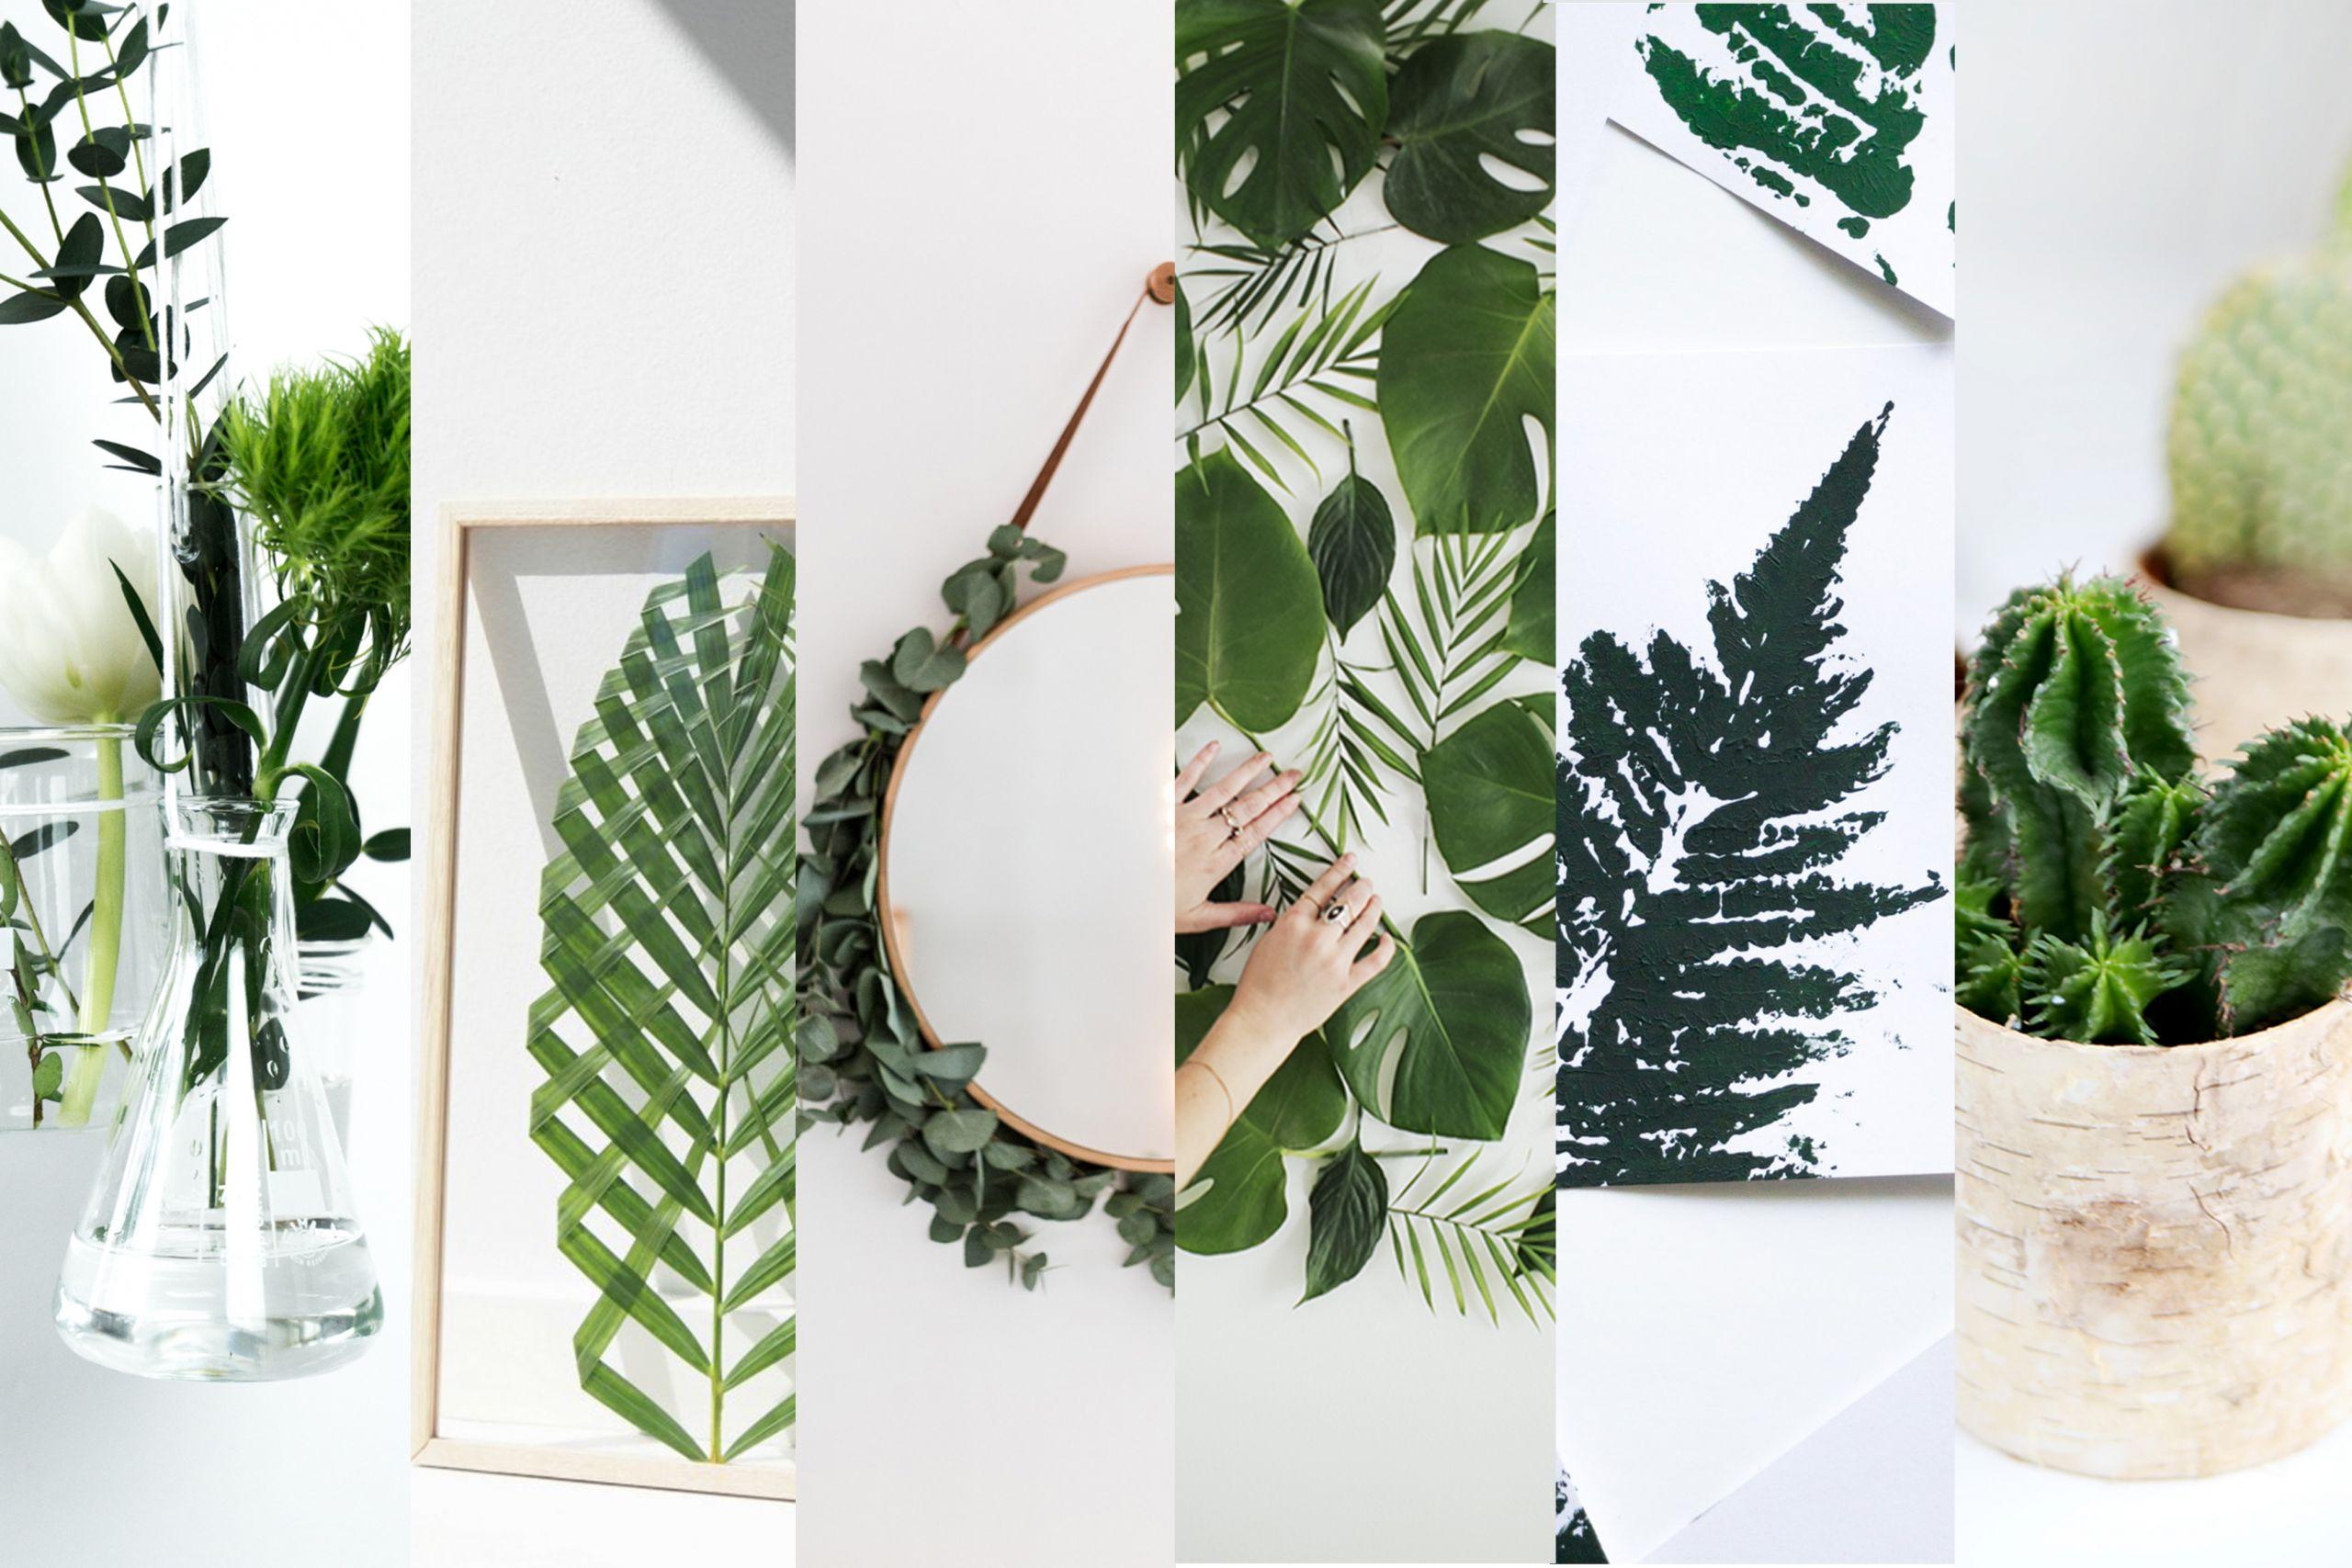 grune deko ideen mit 6 kreative ideen fur pflanzen deko schereleimpapier diy 85 und diy ideen mit pflanzen deko mit grune deko ideen